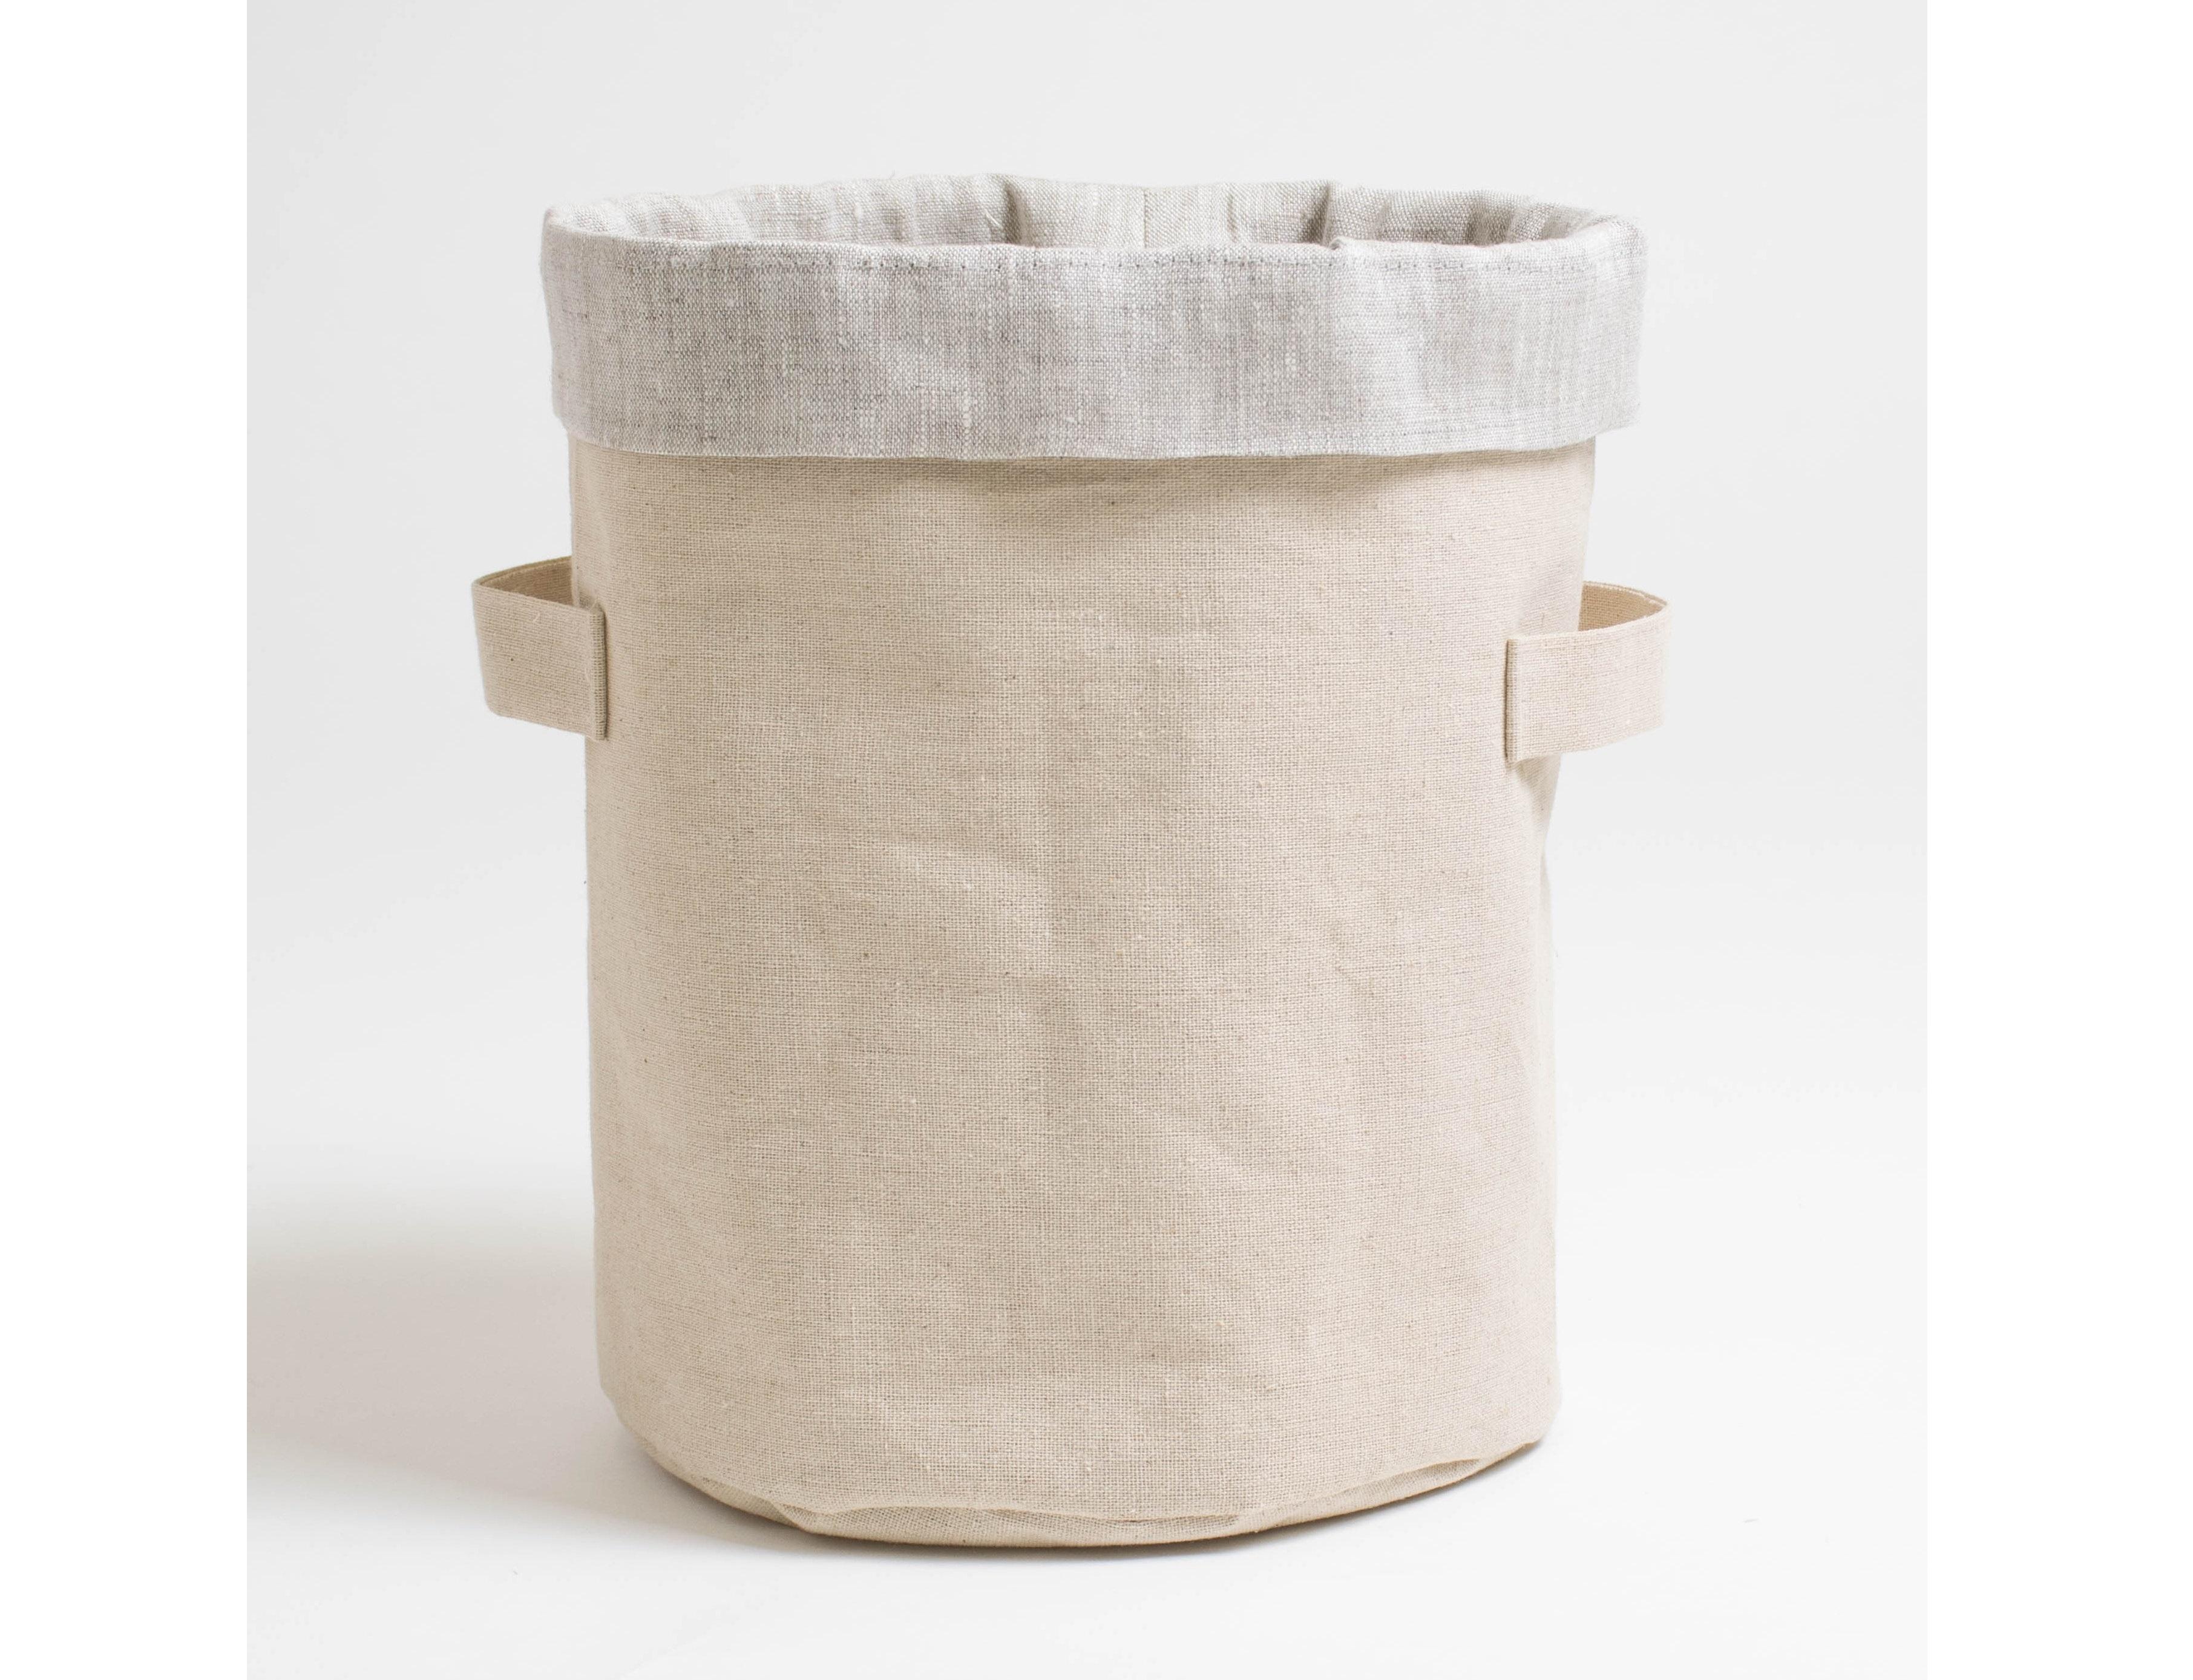 Короб круглый ПровансАксессуары для кухни<br>Короб «Прованс» цилиндрический выполнен из экоматериалов — внешняя сторона из сурового льна, внутренний чехол из хлопкольна серого цвета.<br><br>Прекрасное решение для красивой сервировки стола — это короб «Прованс», в него великолепно входят бутылочки с растительным маслом, бальзамическим уксусом и другими соусами. В этой цилиндрической корзинке можно также и хранить не только бутылочки, но и различные специи, конфеты или печенье — убрать их в шкафчик или поставить на открытую полку.&amp;amp;nbsp;<br><br>Material: Хлопок<br>Height см: 27<br>Diameter см: 22